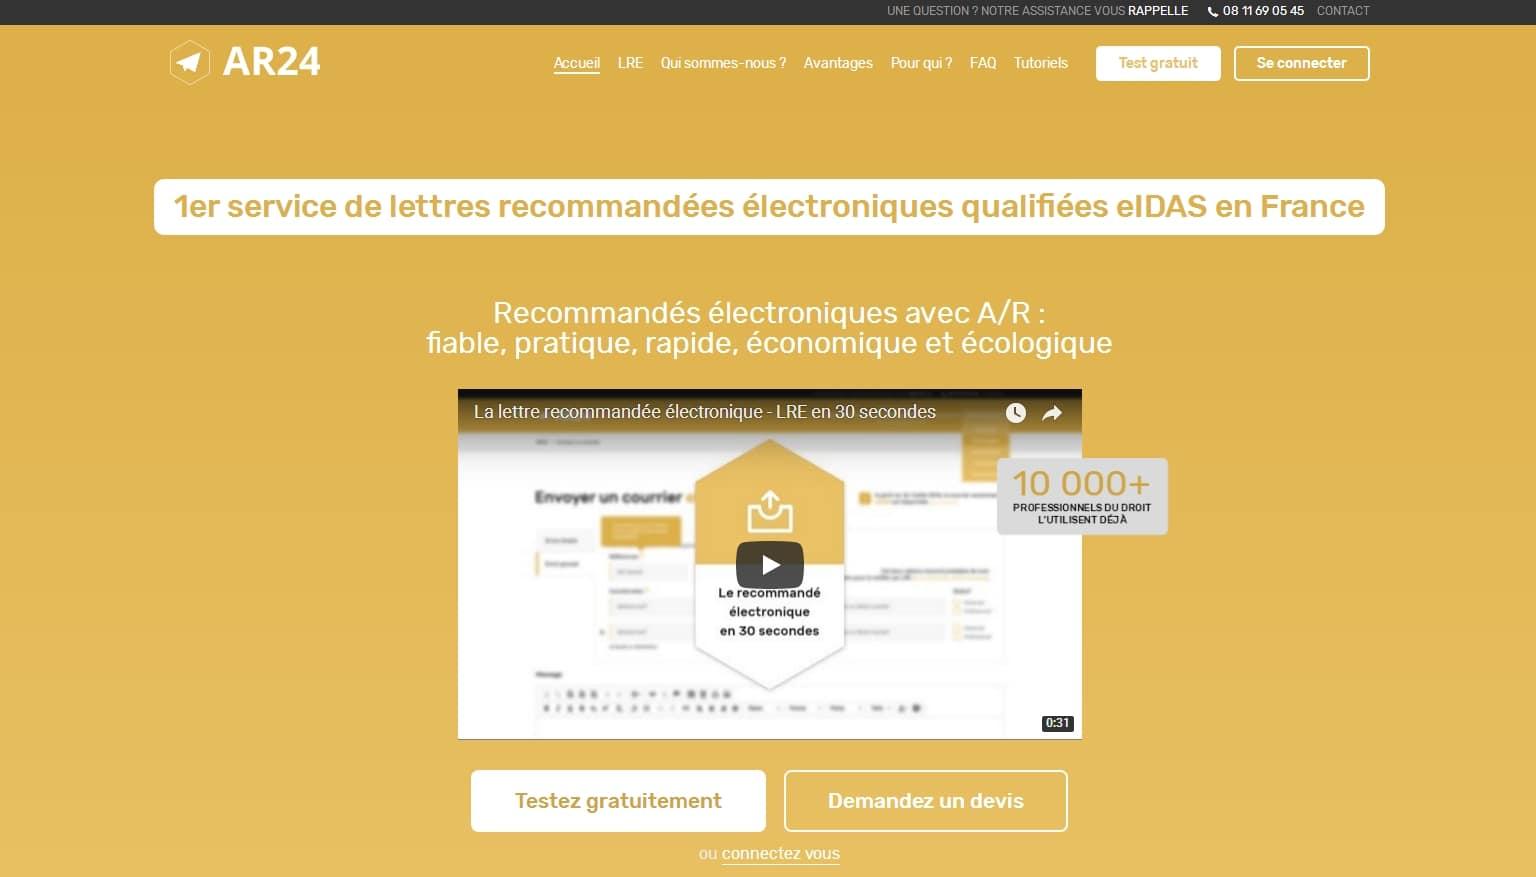 Innovation startup oui la lettre recommand e - Isolation gratuite gouvernement ...